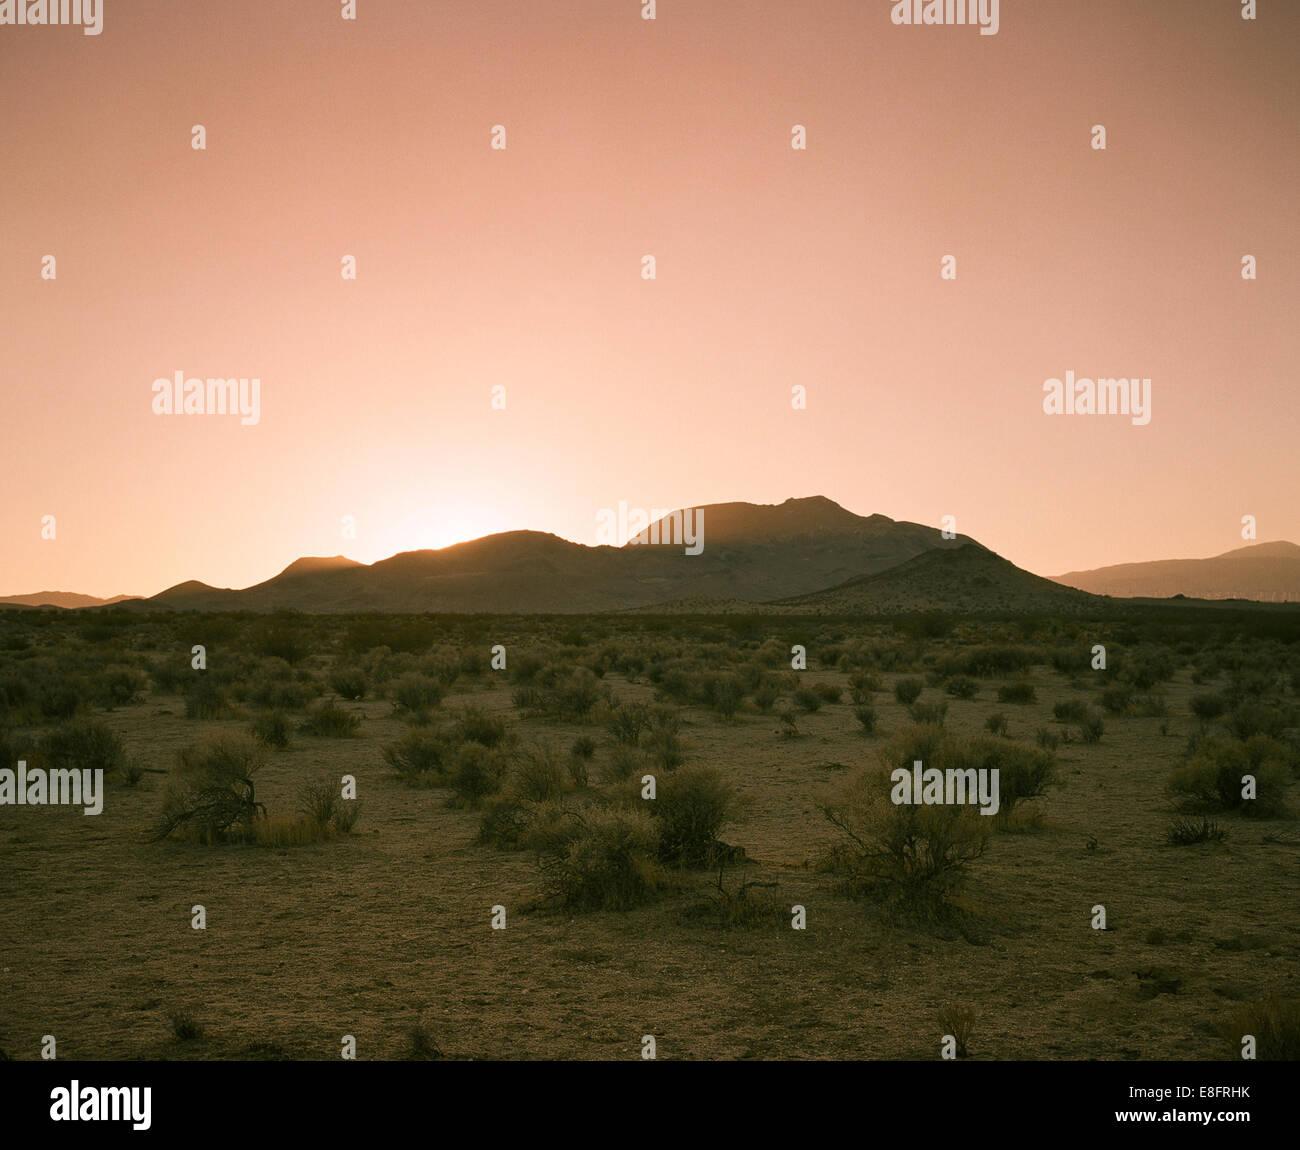 USA, California, Sunset in Mojave desert - Stock Image